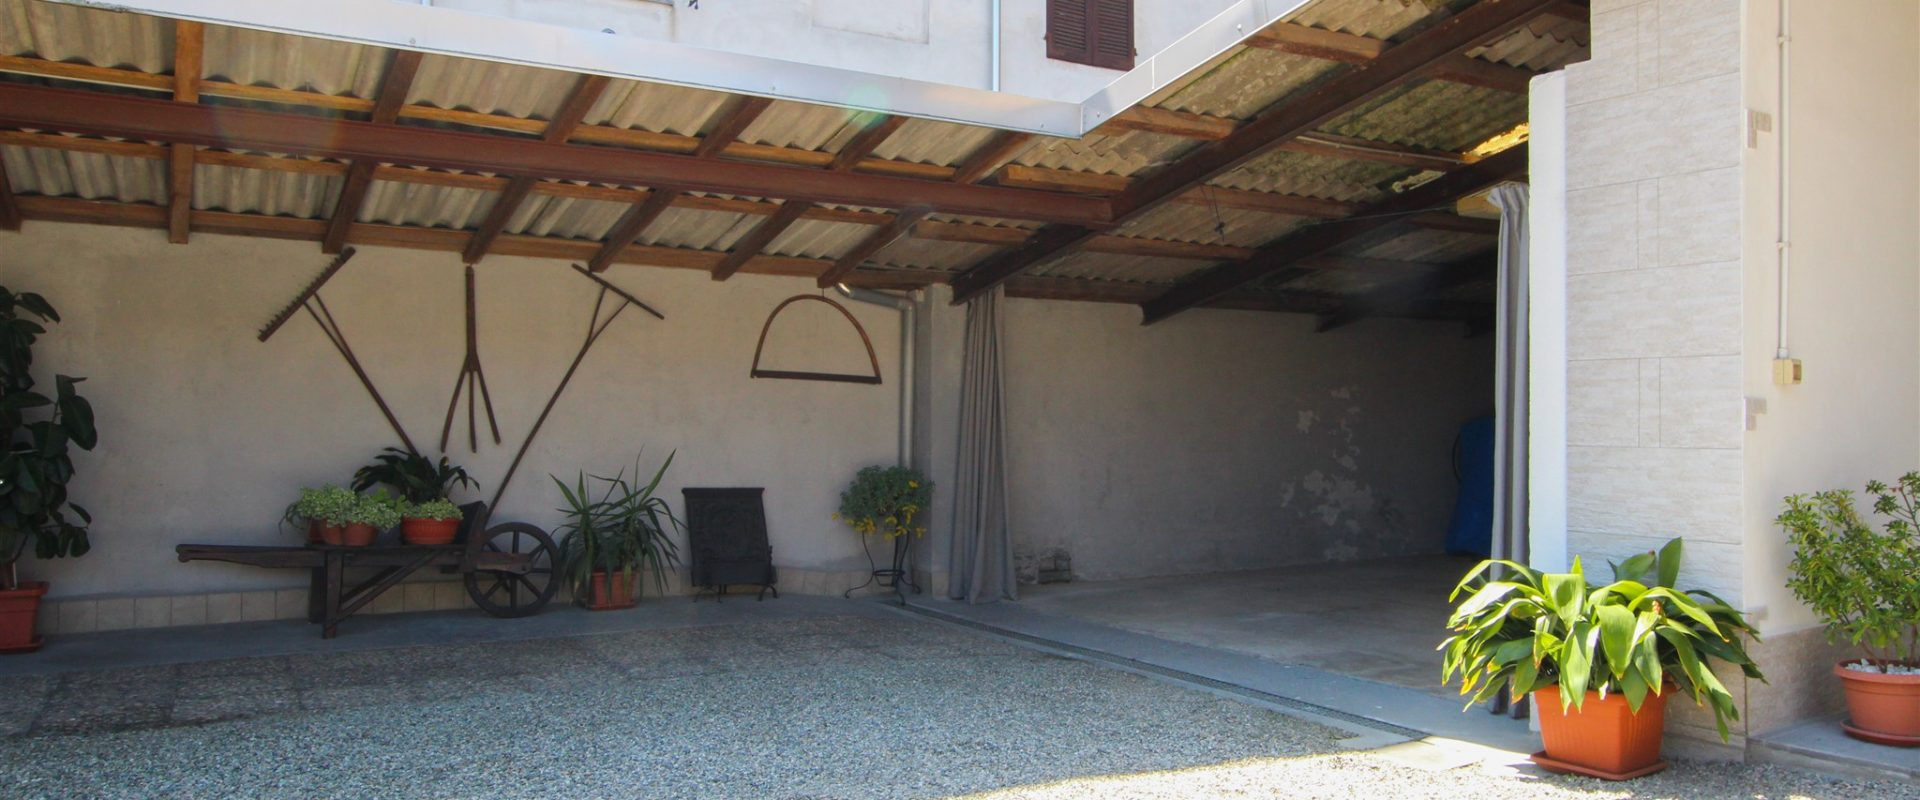 Trilocale con terrazzo a Galliate